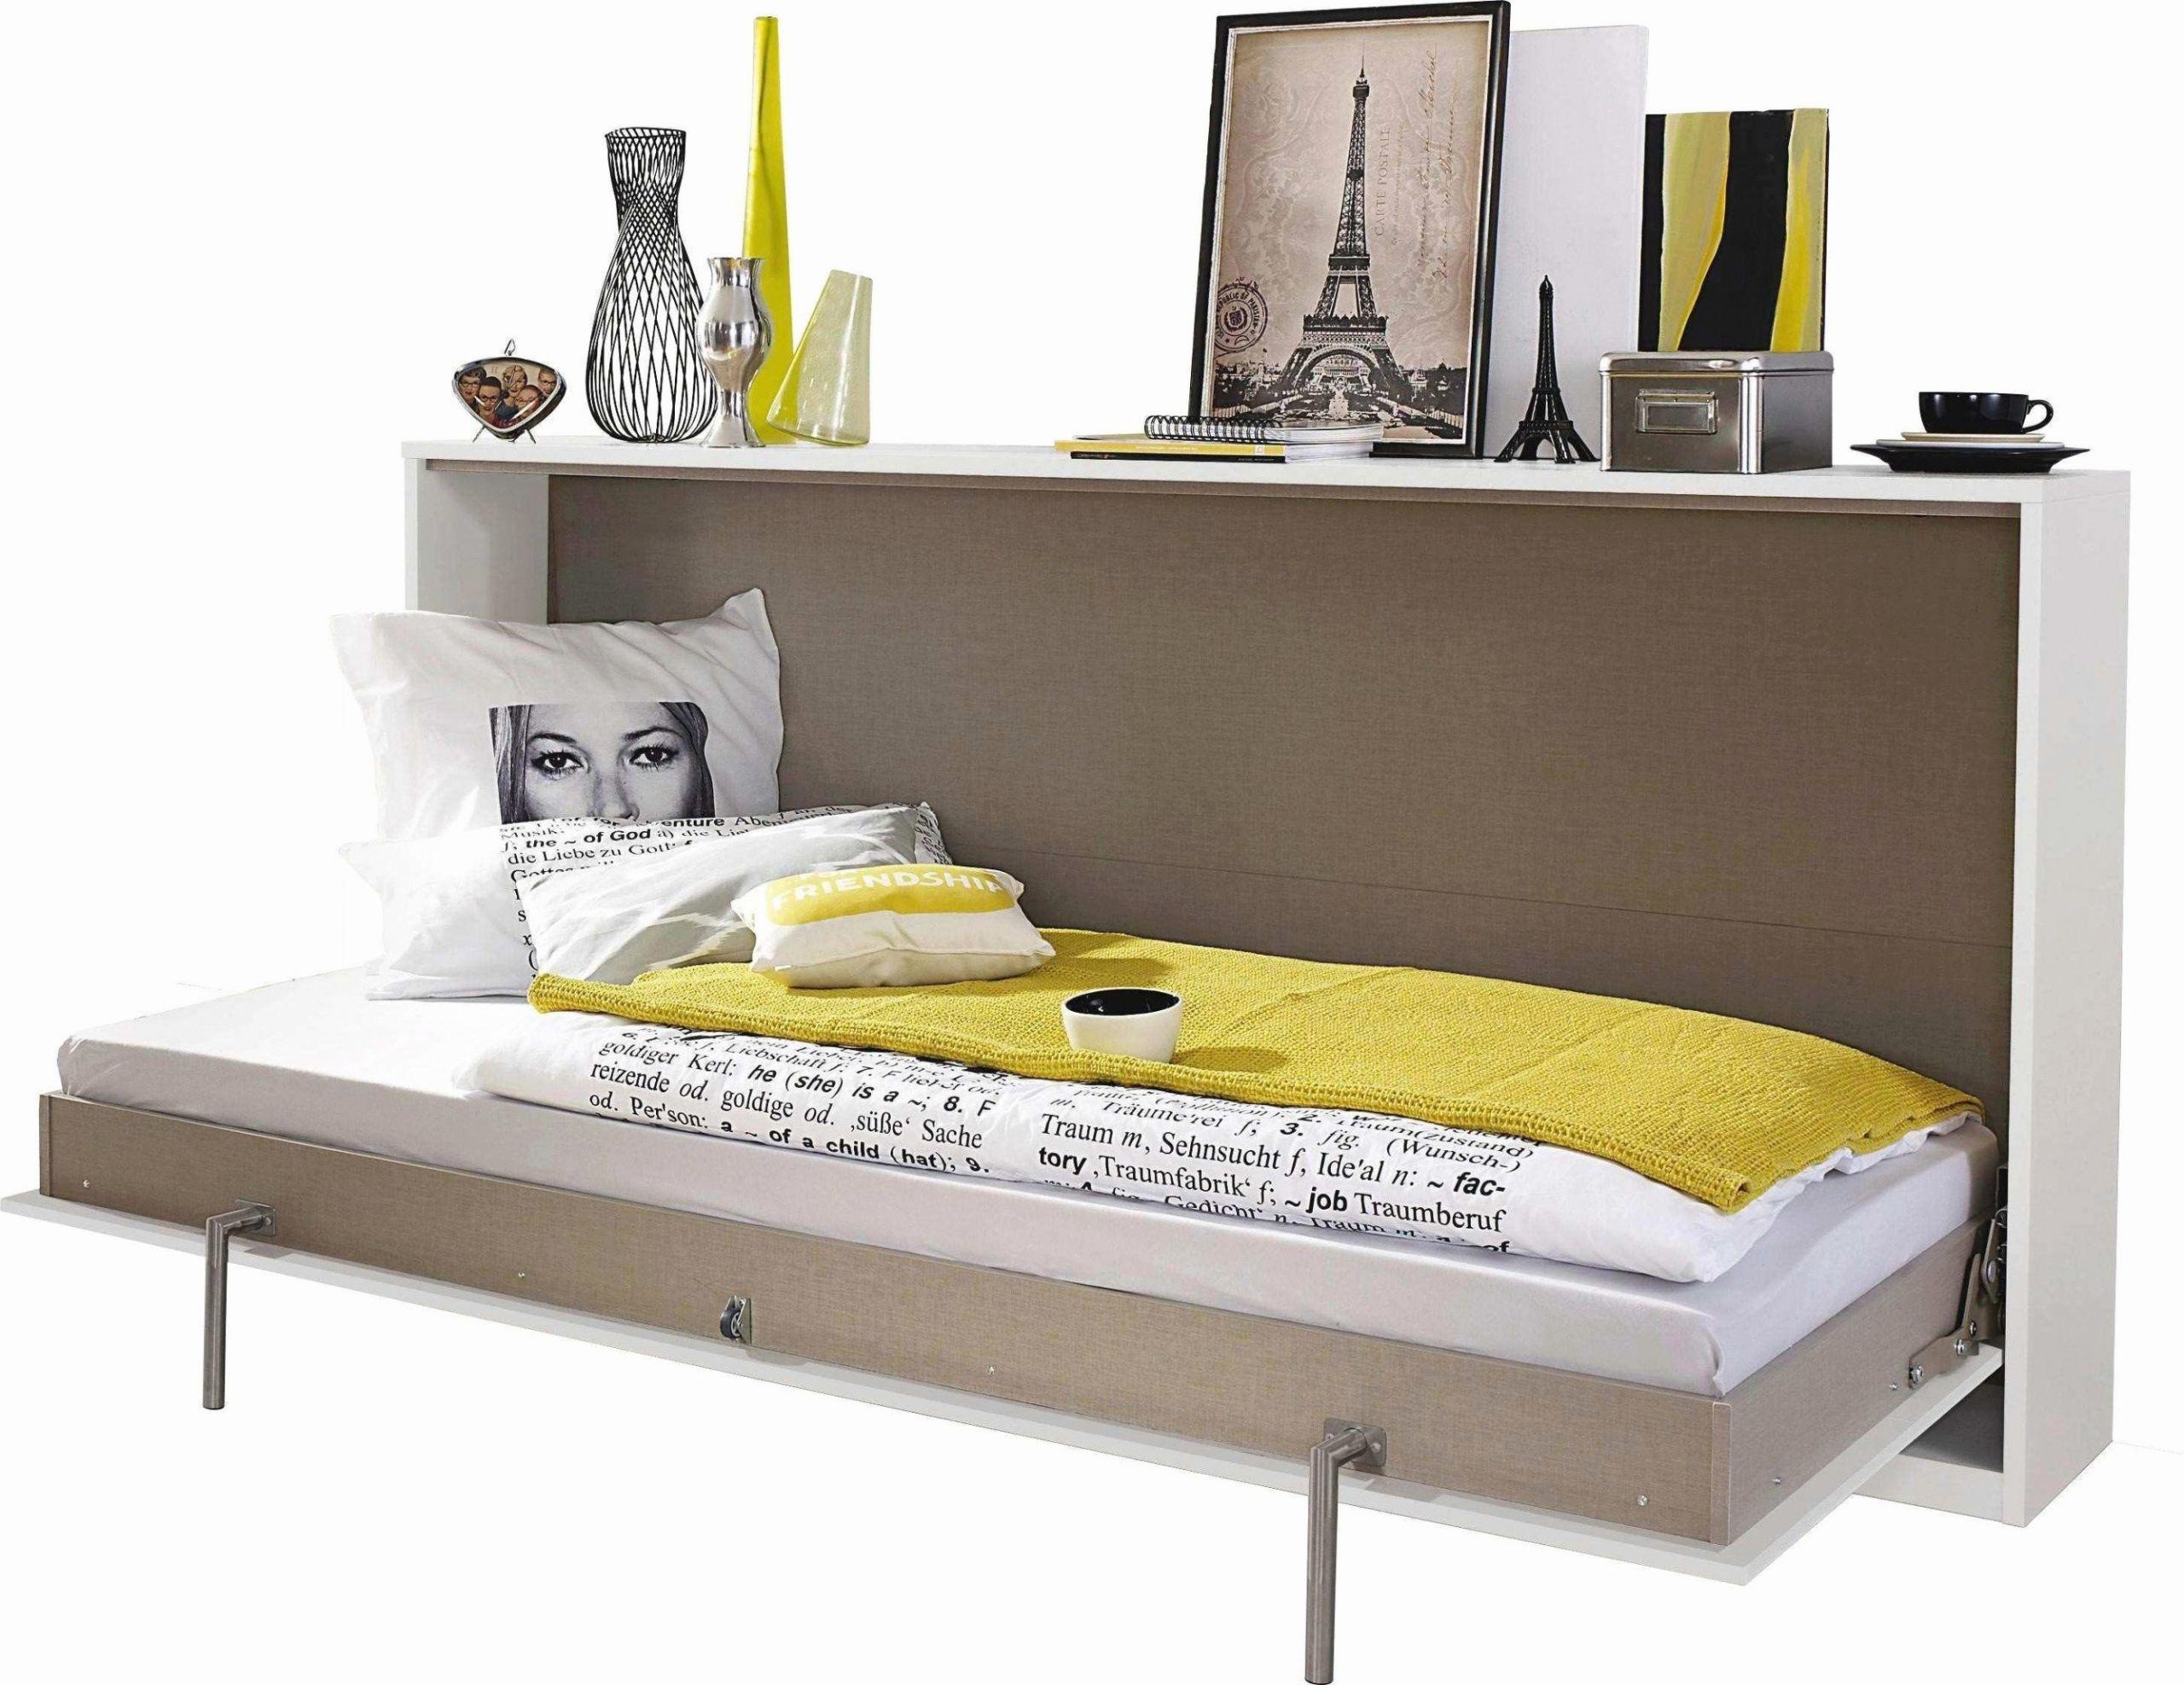 accessoire salle de bain carrefour nouveau table de cuisson induction miele 6115 of accessoire salle de bain carrefour